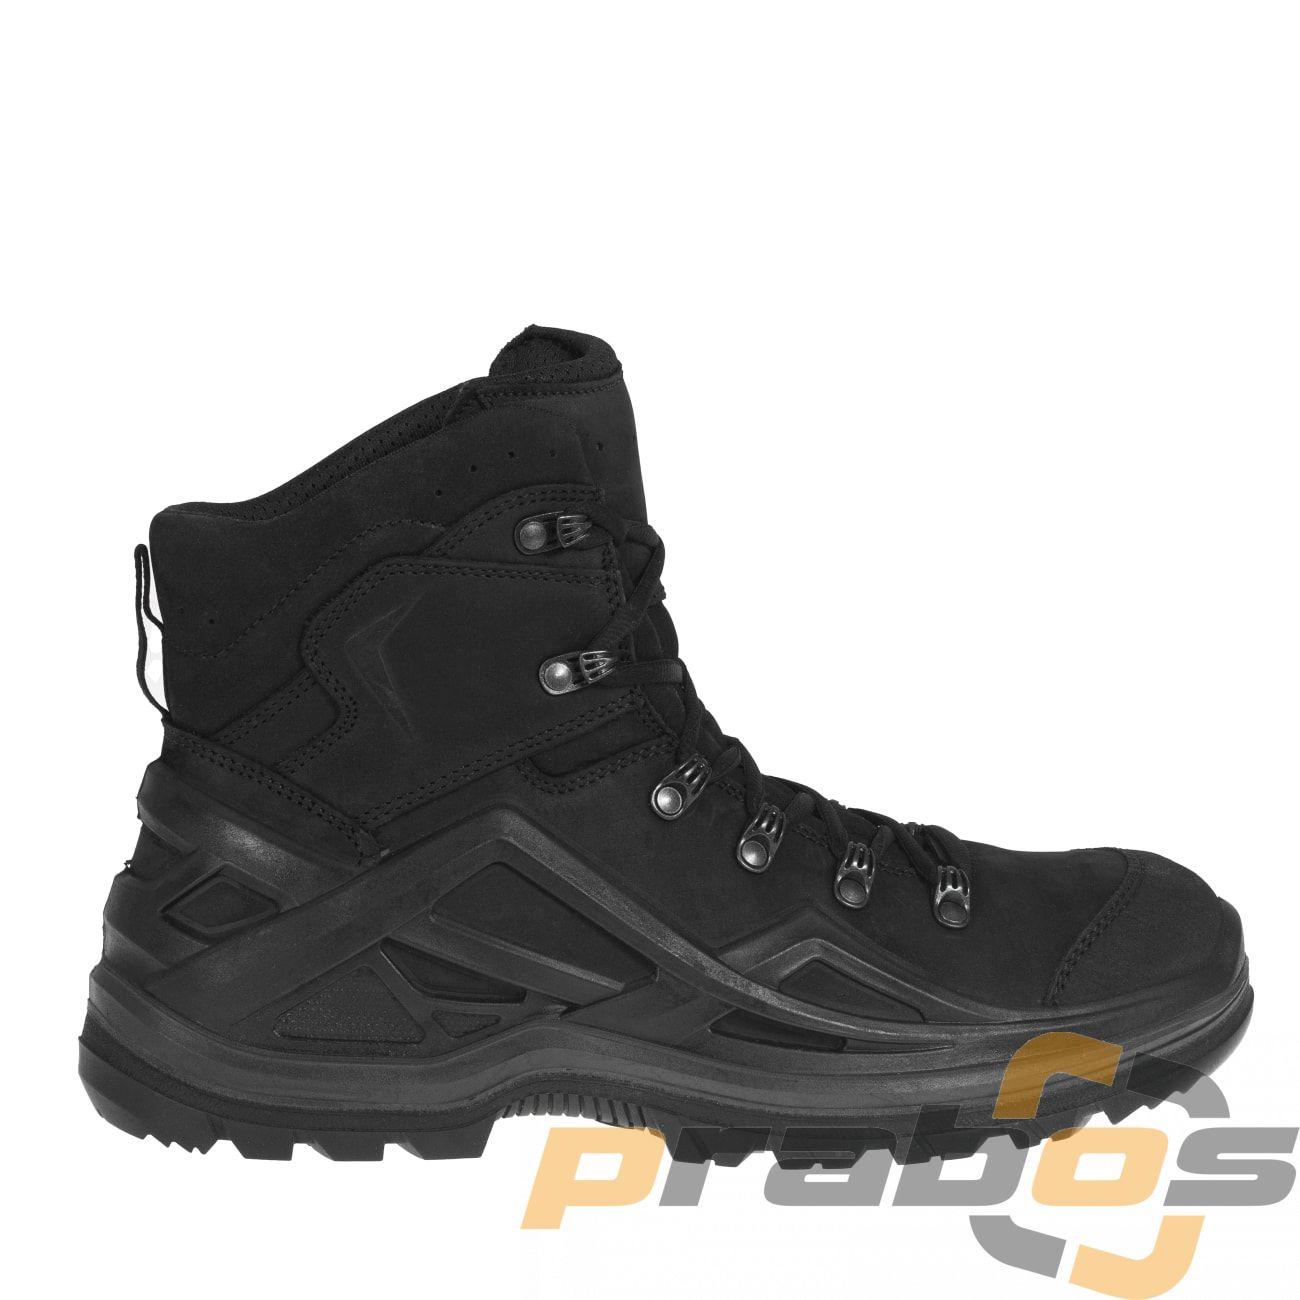 Lekkie buty taktyczne za kostkę bez membrany marki Prabos